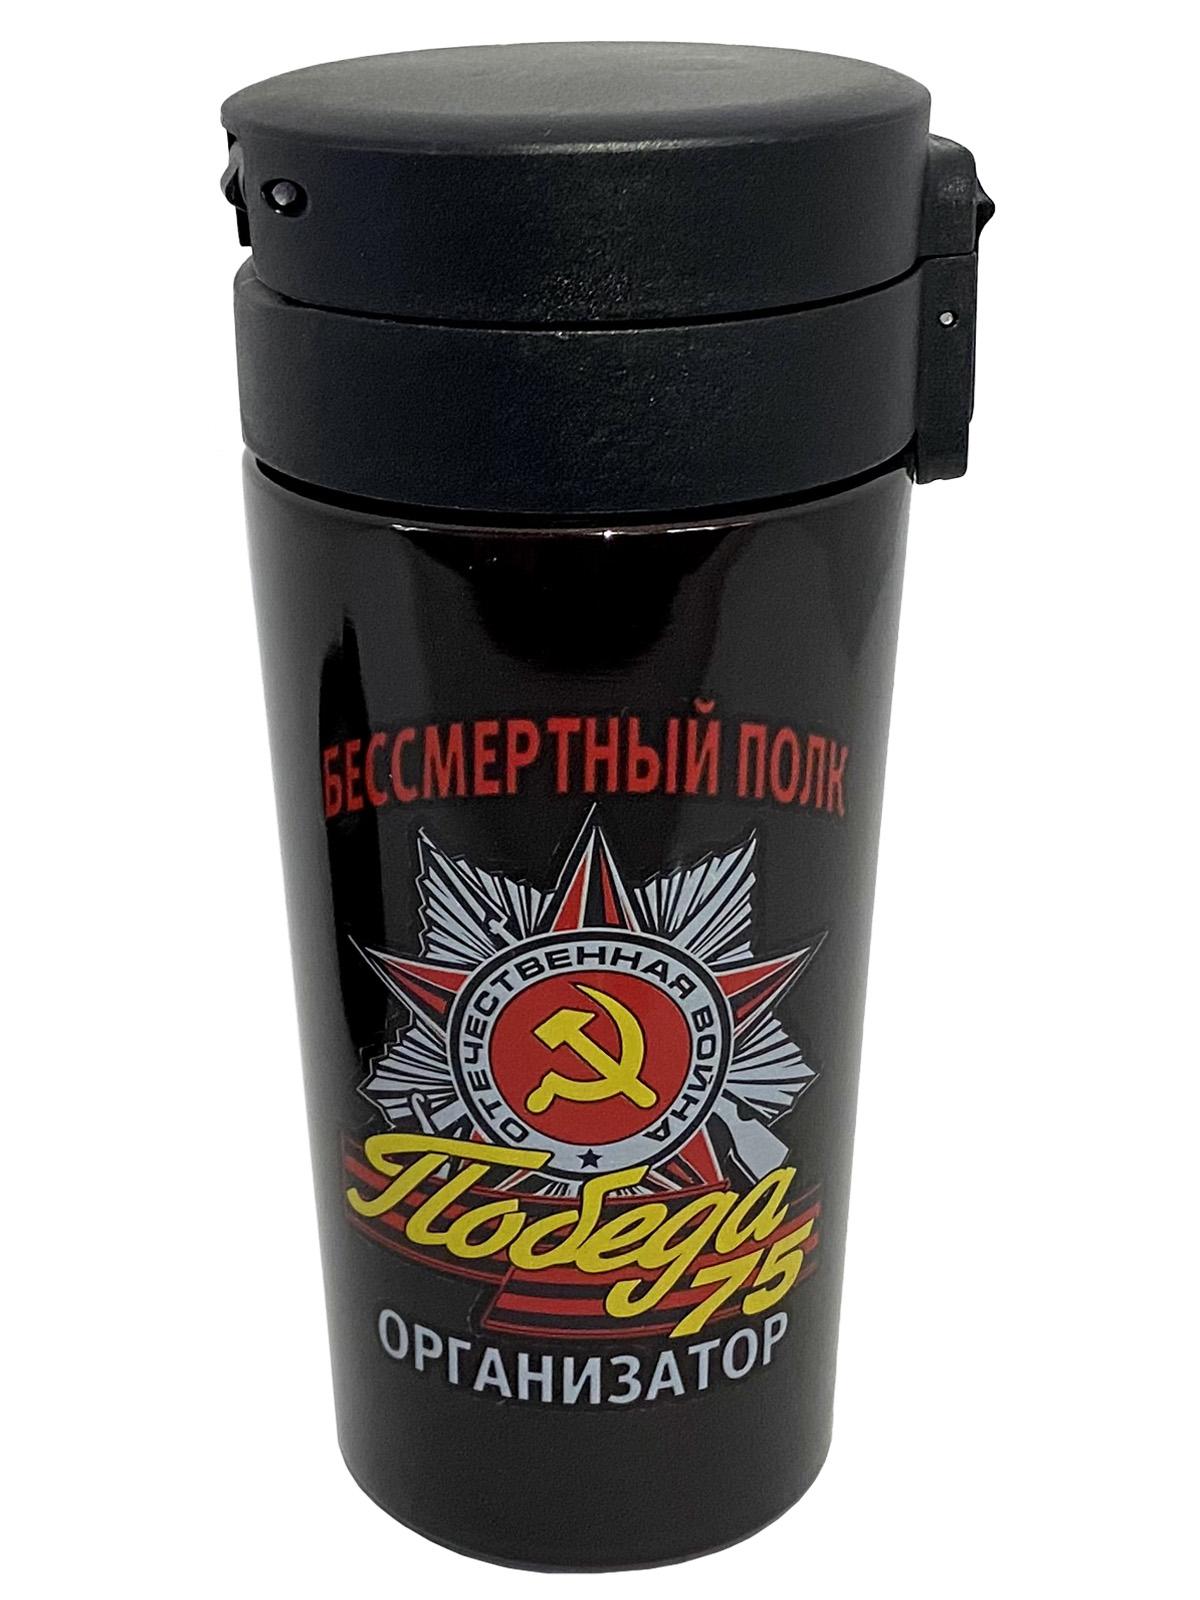 Удобный термостакан организатору шествия Бессмертный полк